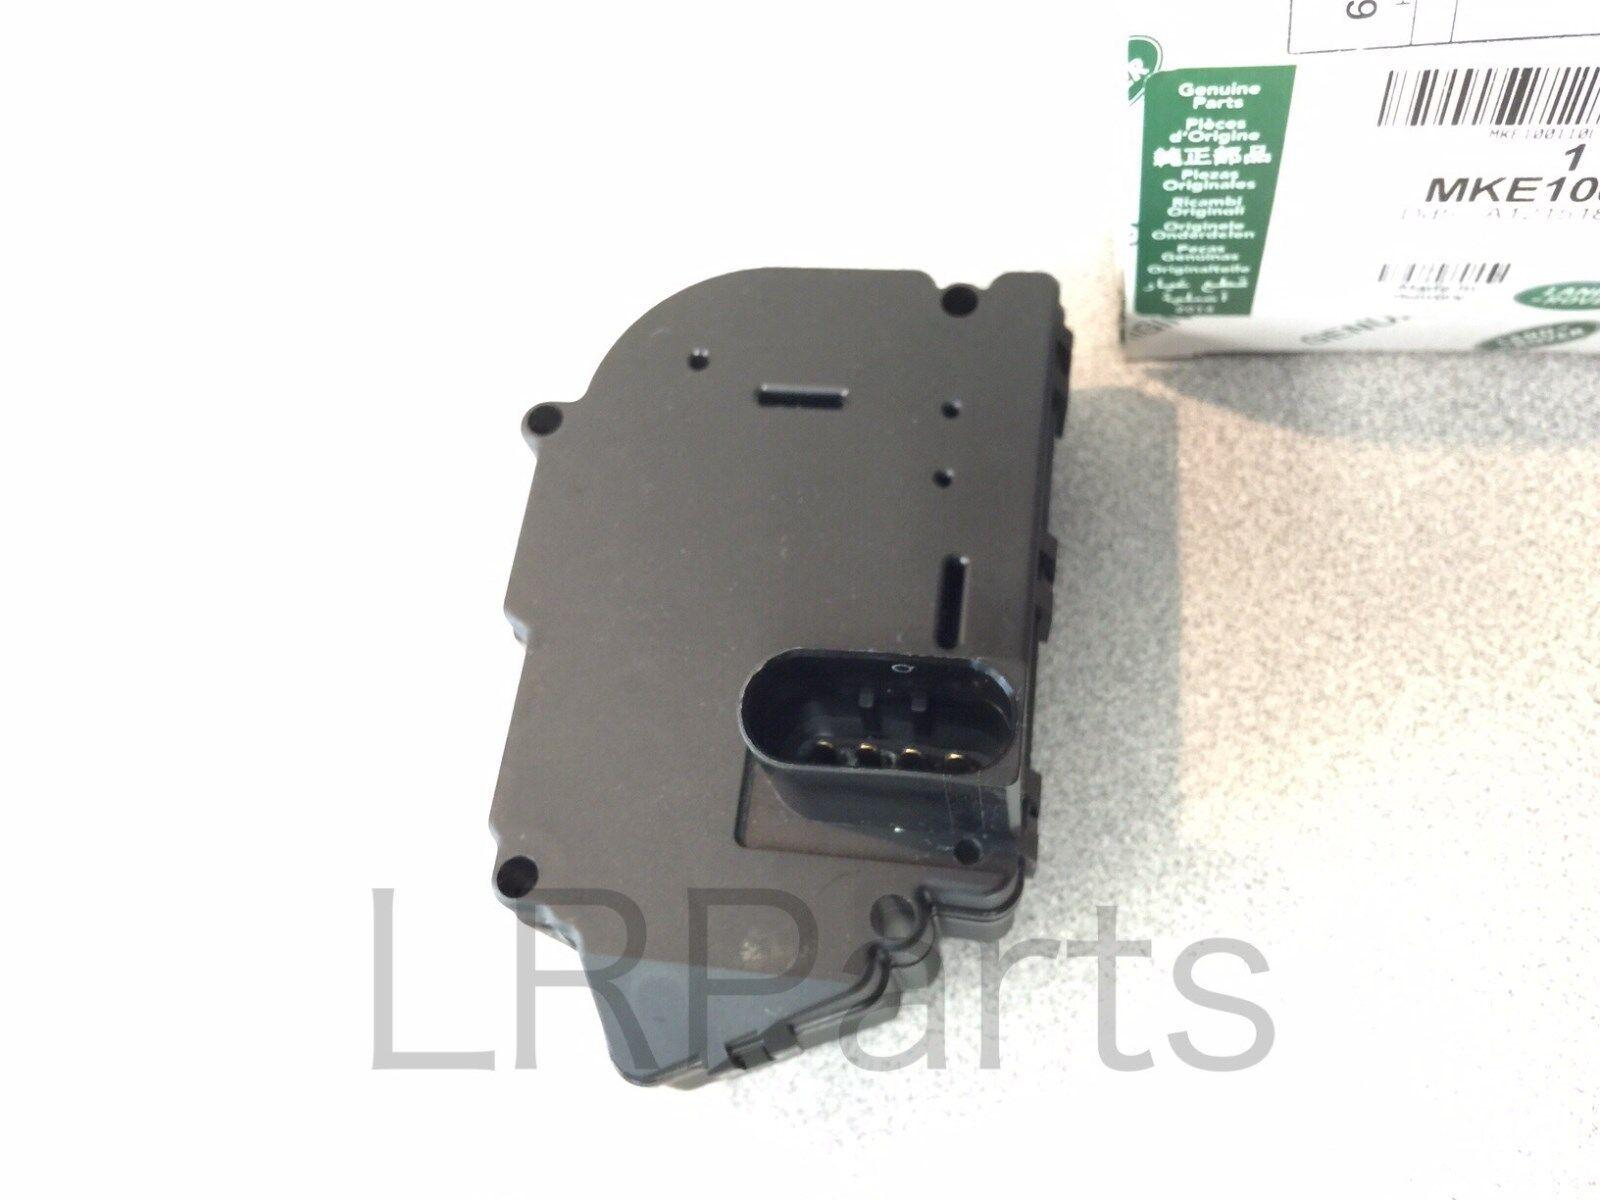 land rover freelander 2 5l kv6 genuine multi point injection motor mke100110l ebay. Black Bedroom Furniture Sets. Home Design Ideas